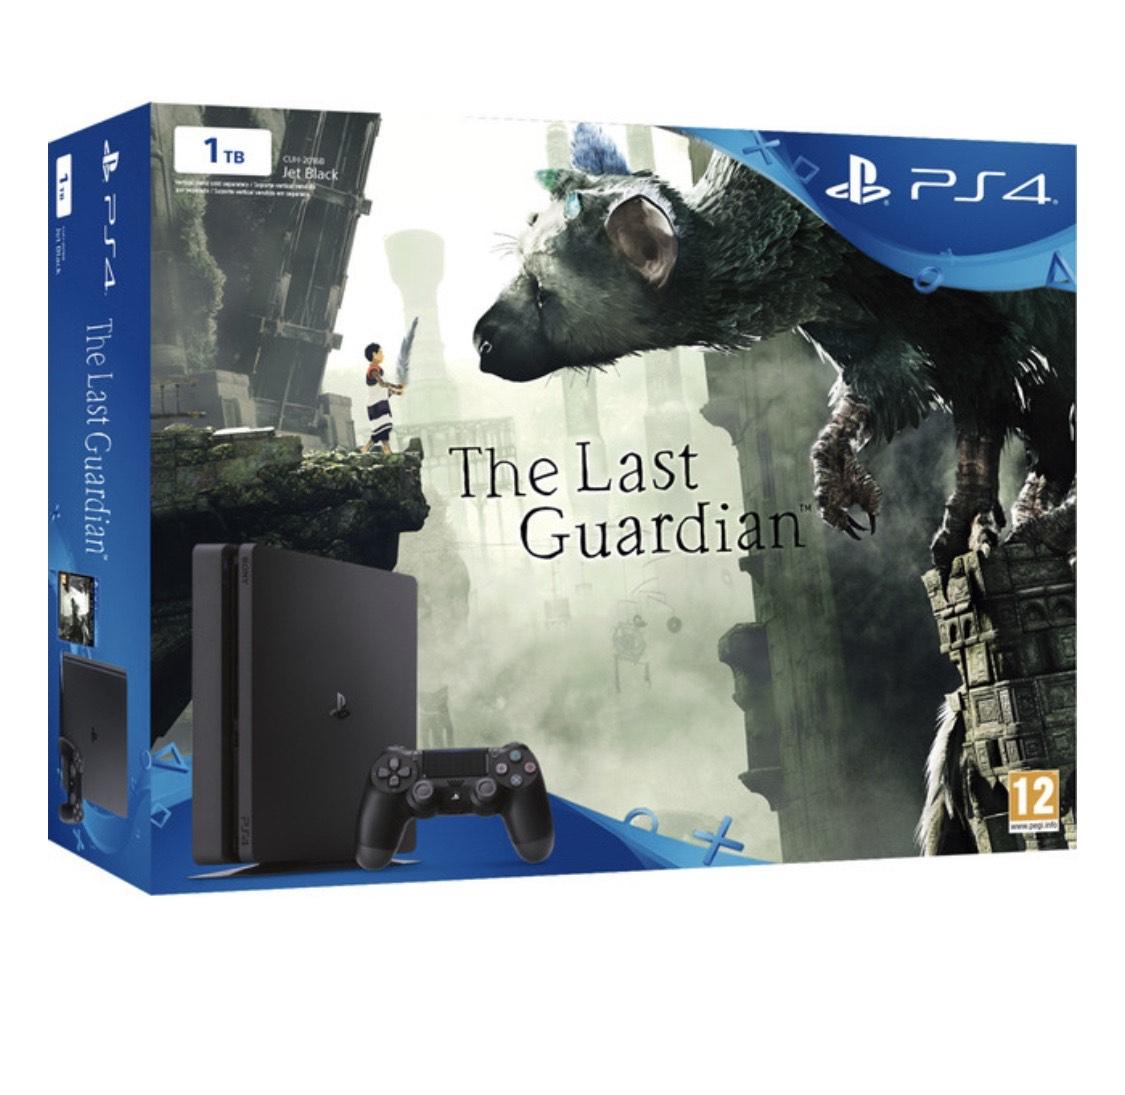 Consola PS4 Slim (Chasis D) de 1TB + The Last Guardian